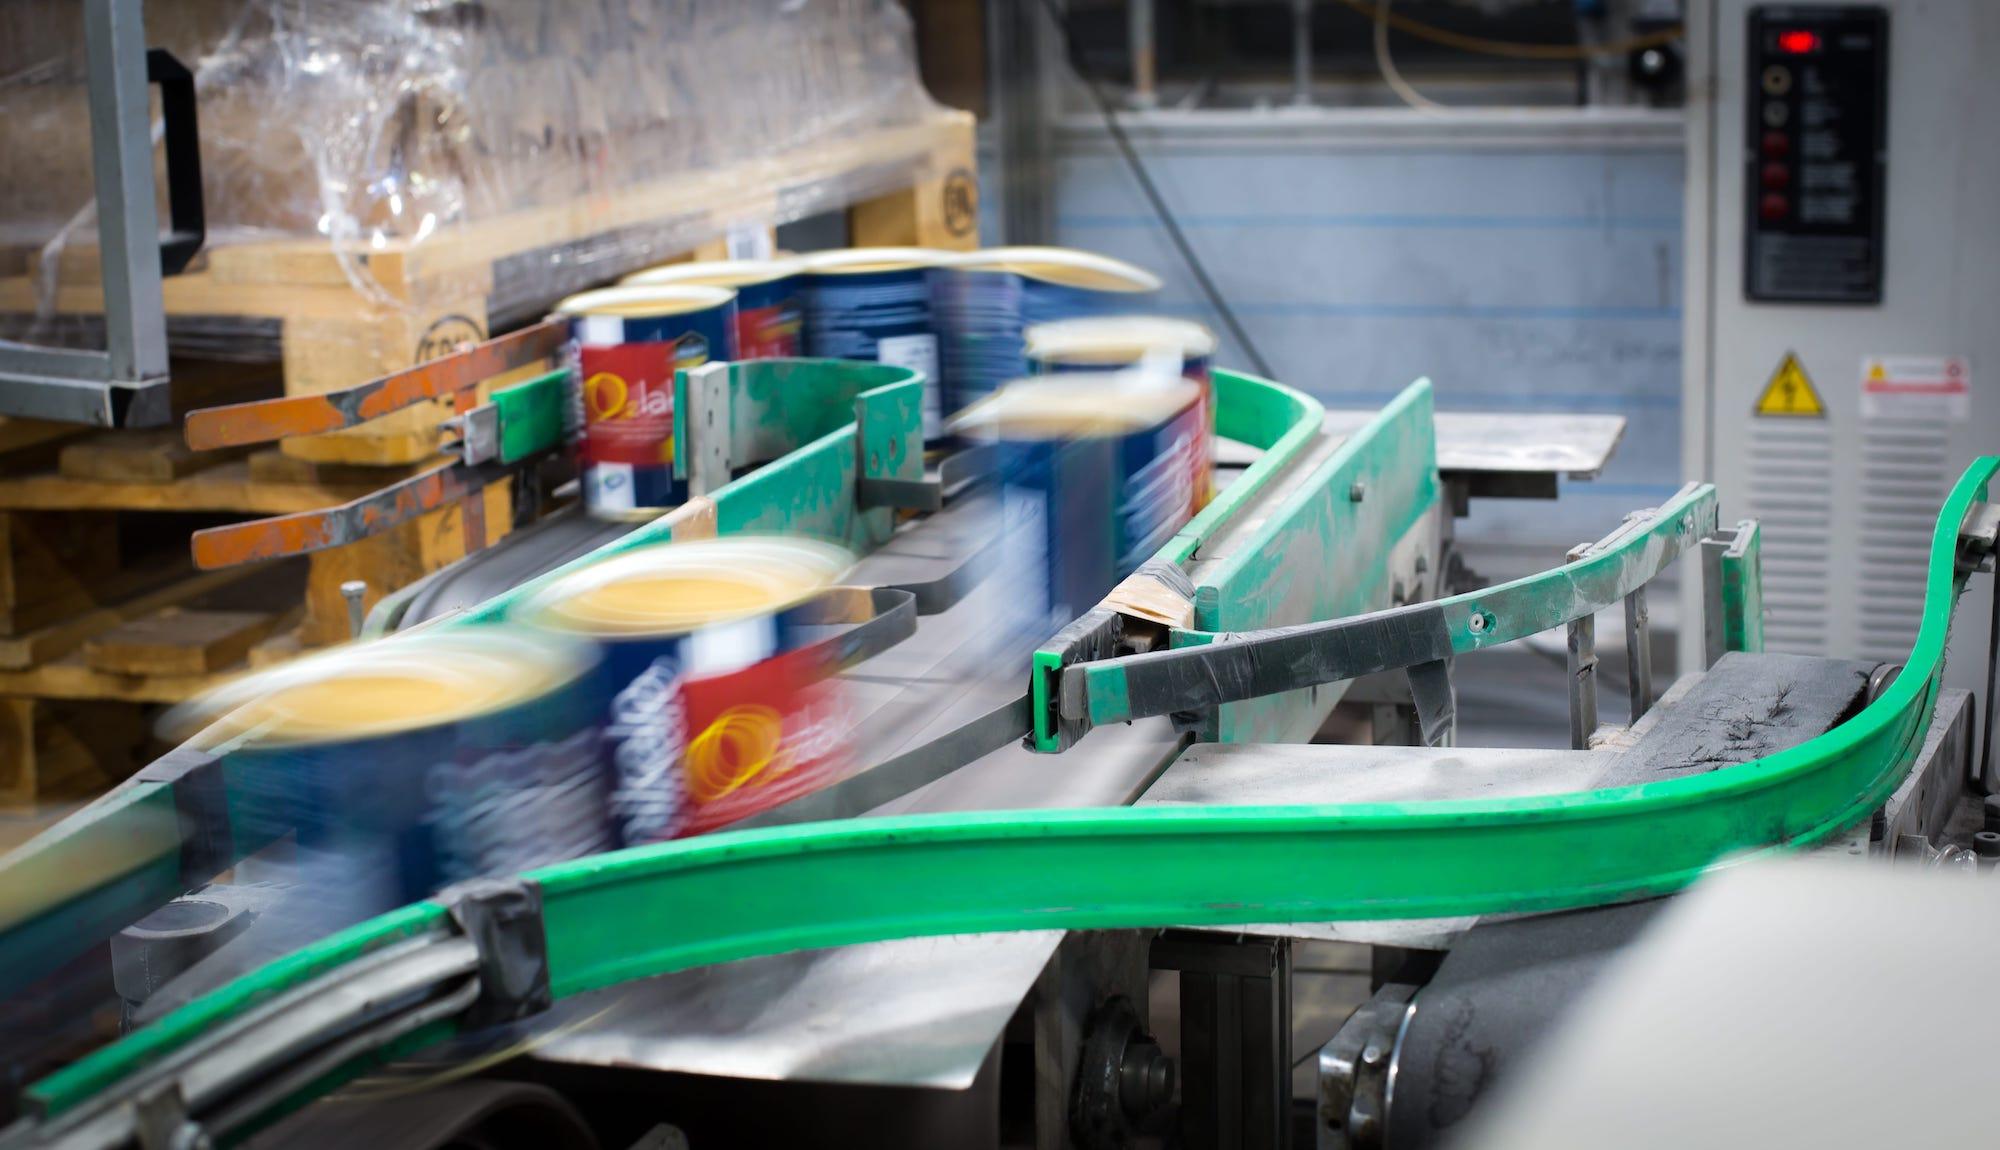 Cavioni Fustitalia - rullo per la creazione di lattine e imballaggi metallici